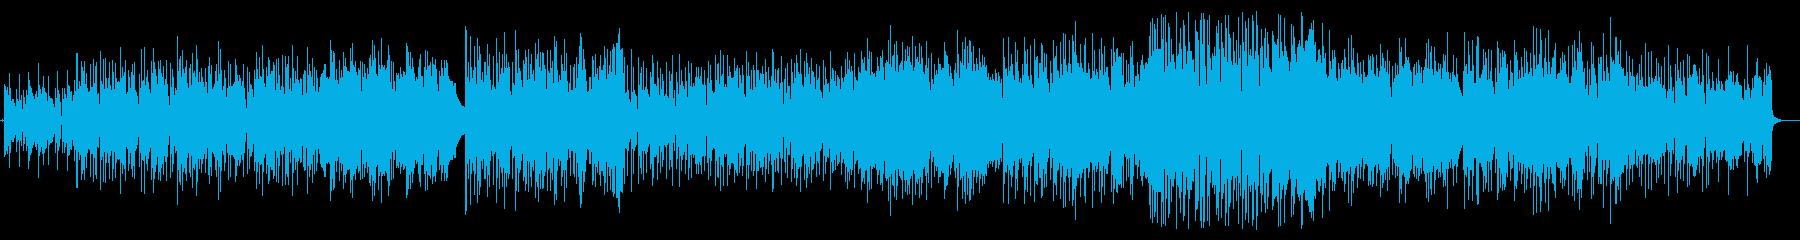 スローでアンニュイ ダークなロックの再生済みの波形